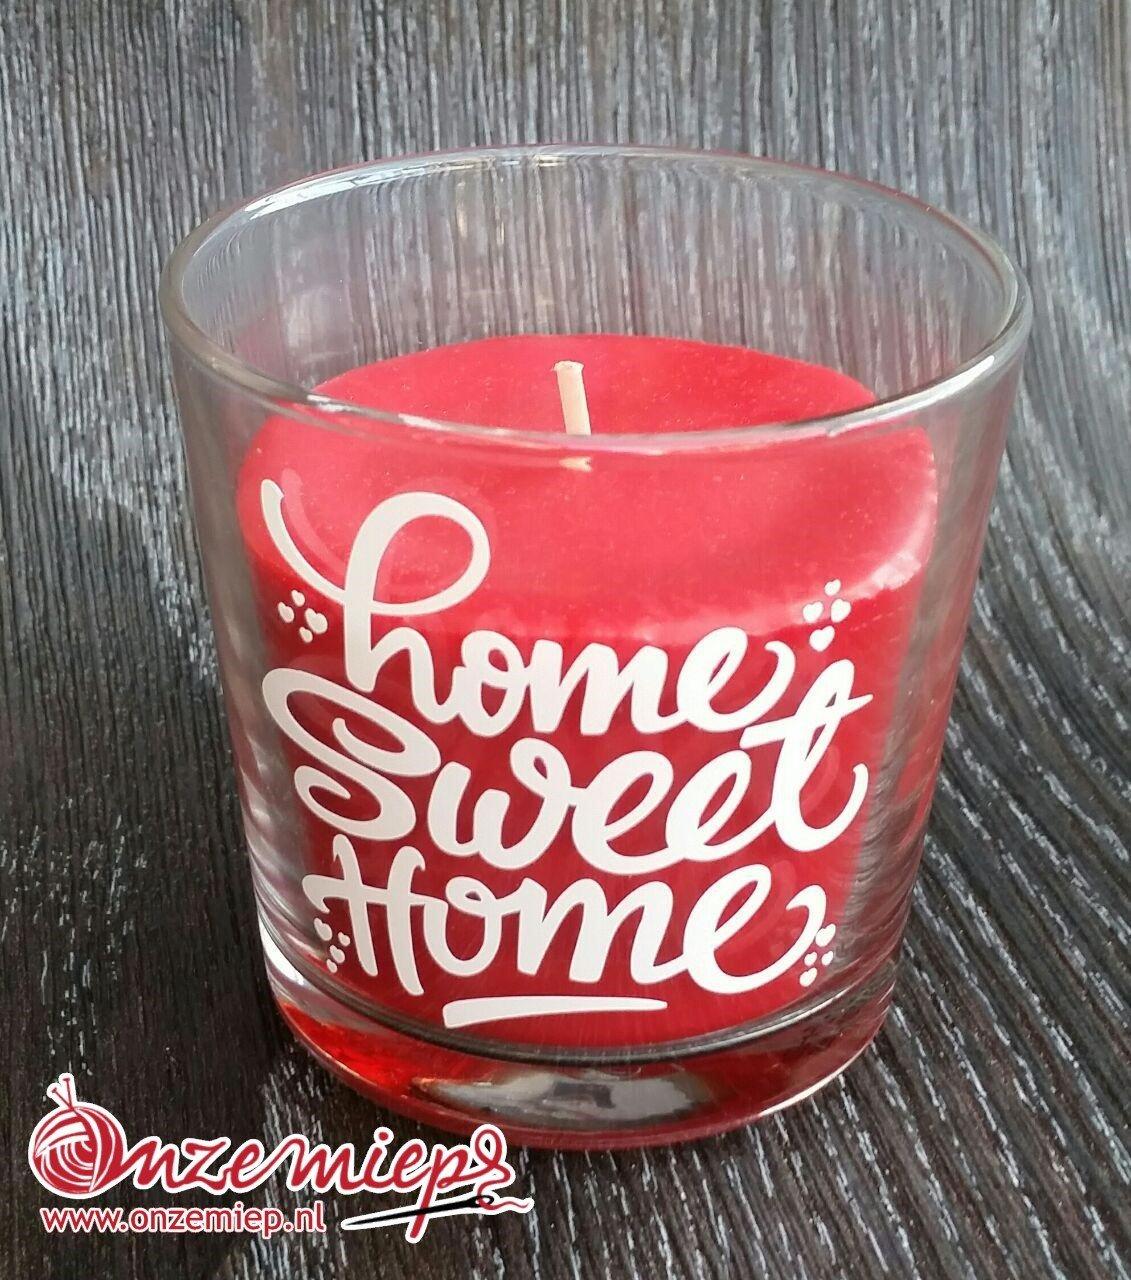 """Rode geurkaars met de tekst """"Home sweet home"""""""